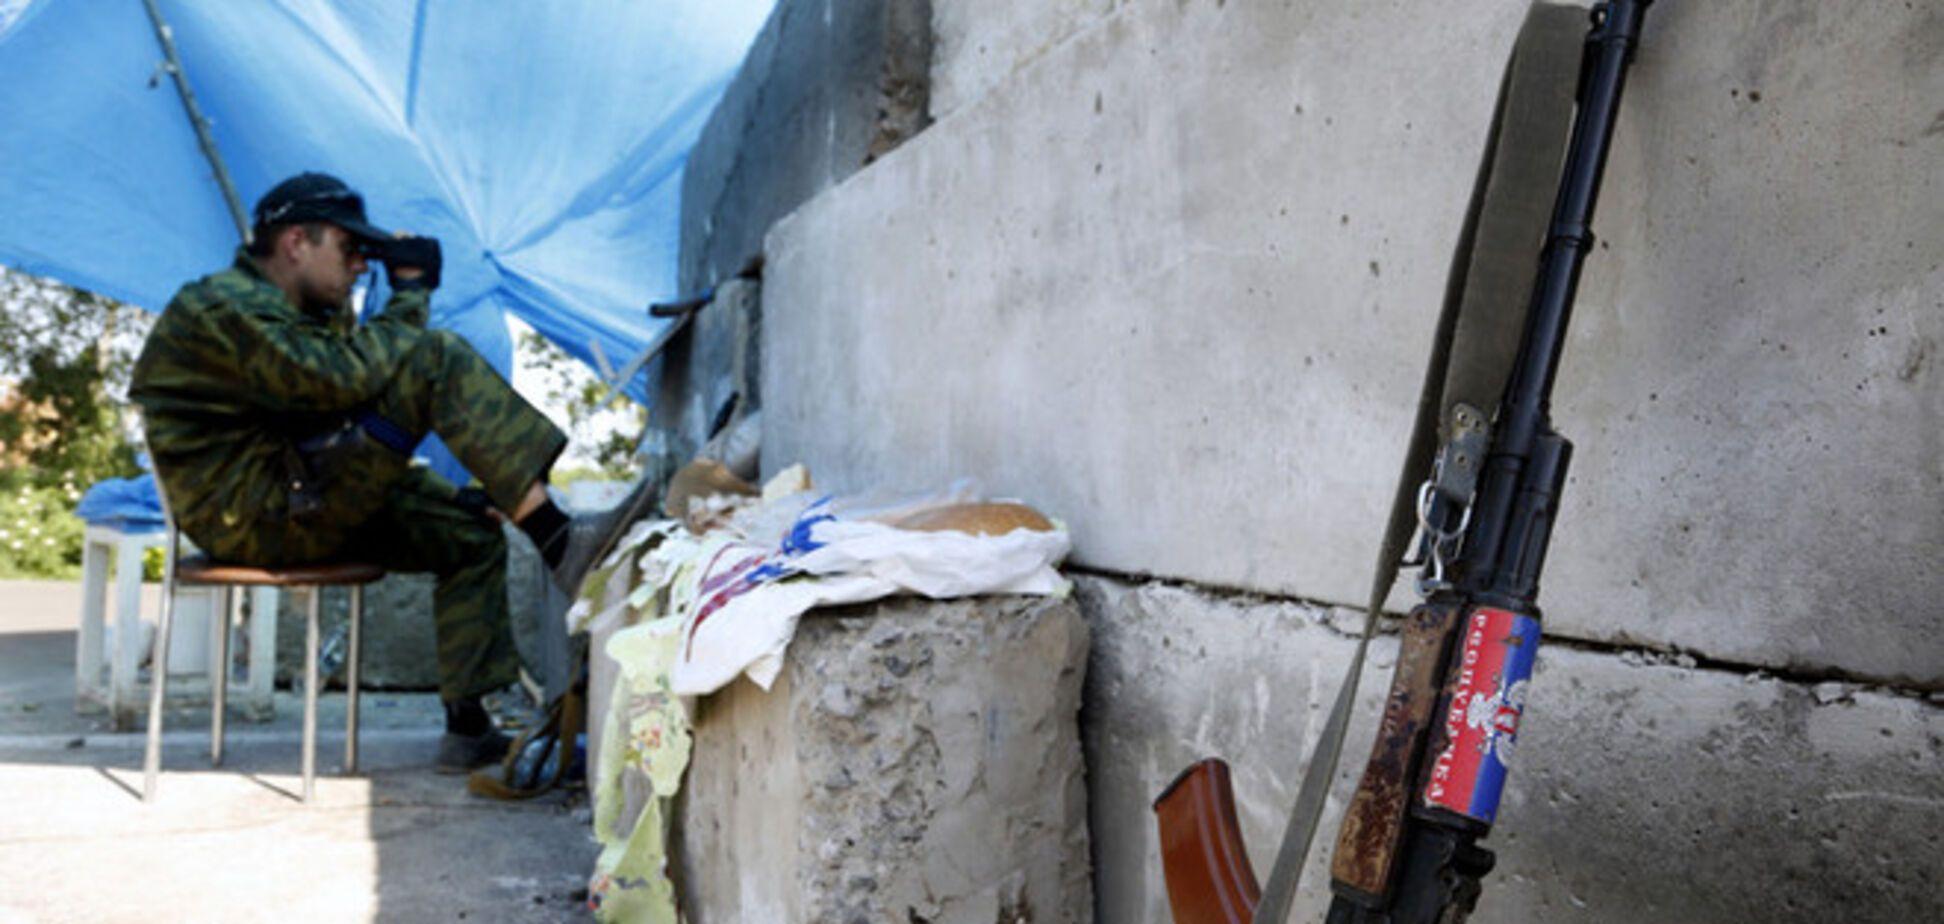 Террористы расстреляли пенсионера на Донбассе, зачитав ему 'приговор ДНР' - СМИ